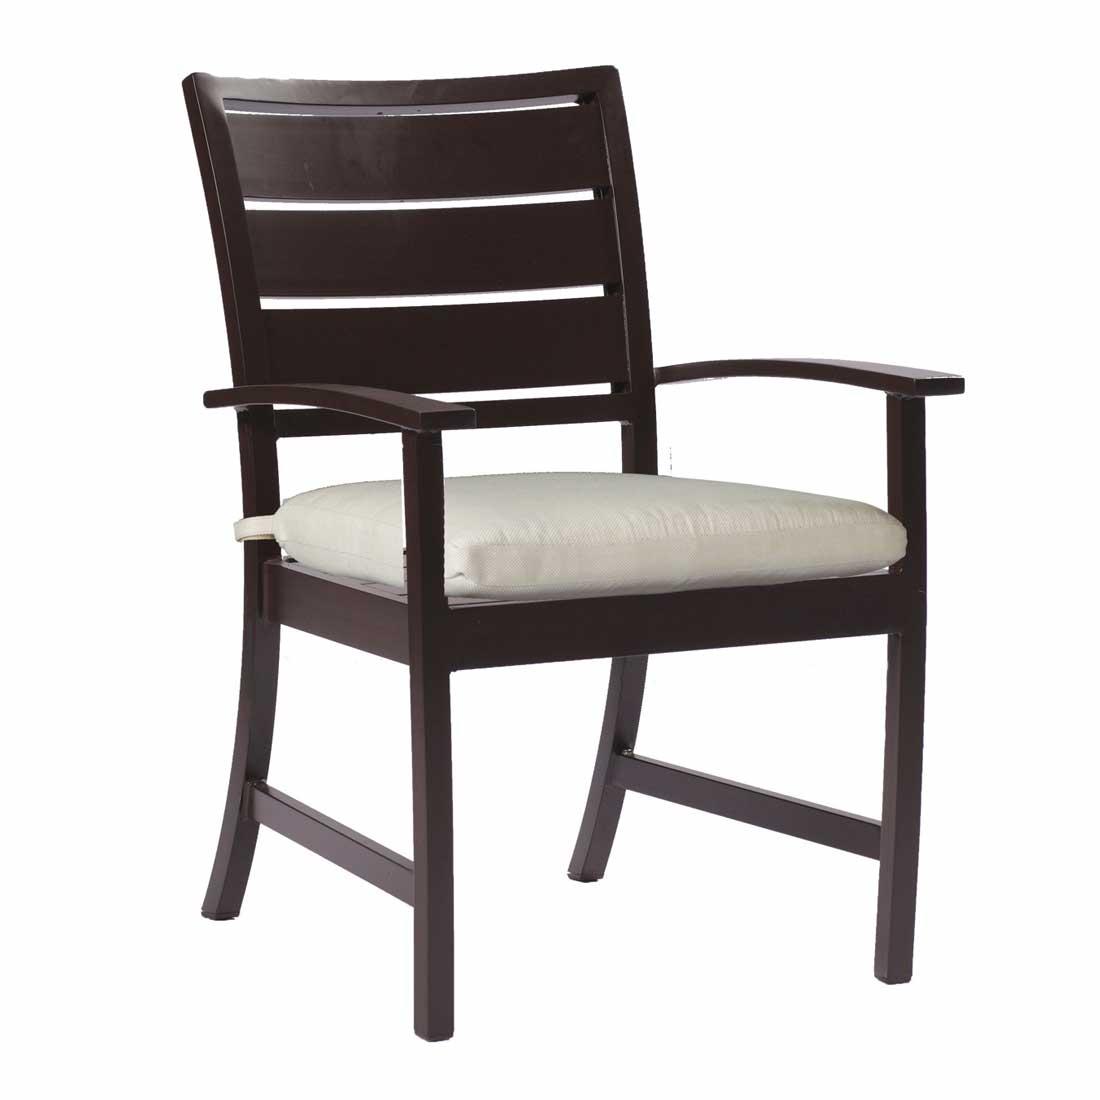 charleston aluminum arm chair - Dimensions: W24.5 D27.75 H35.75